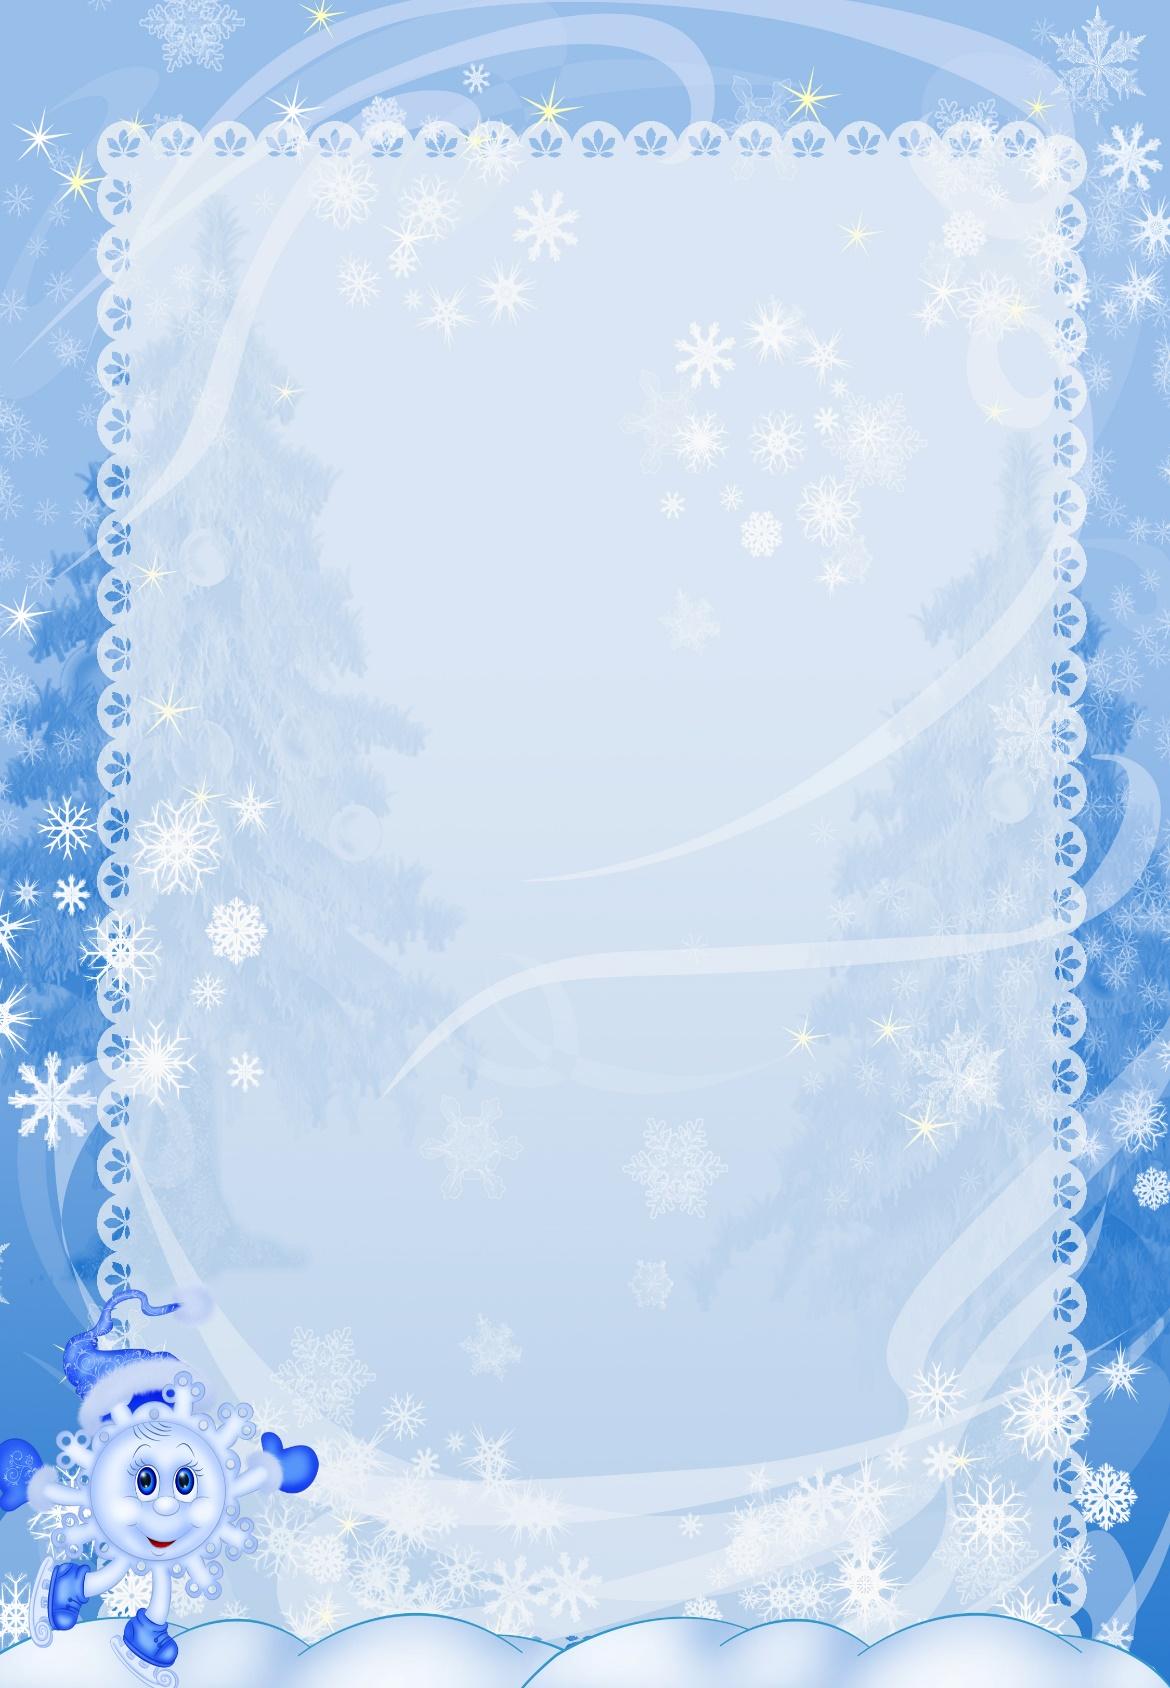 D:\Crash\для презентаций иоформления\грамоты и дипломы\для нового года\2011-12-13 Новый год\Шаблон6.jpg